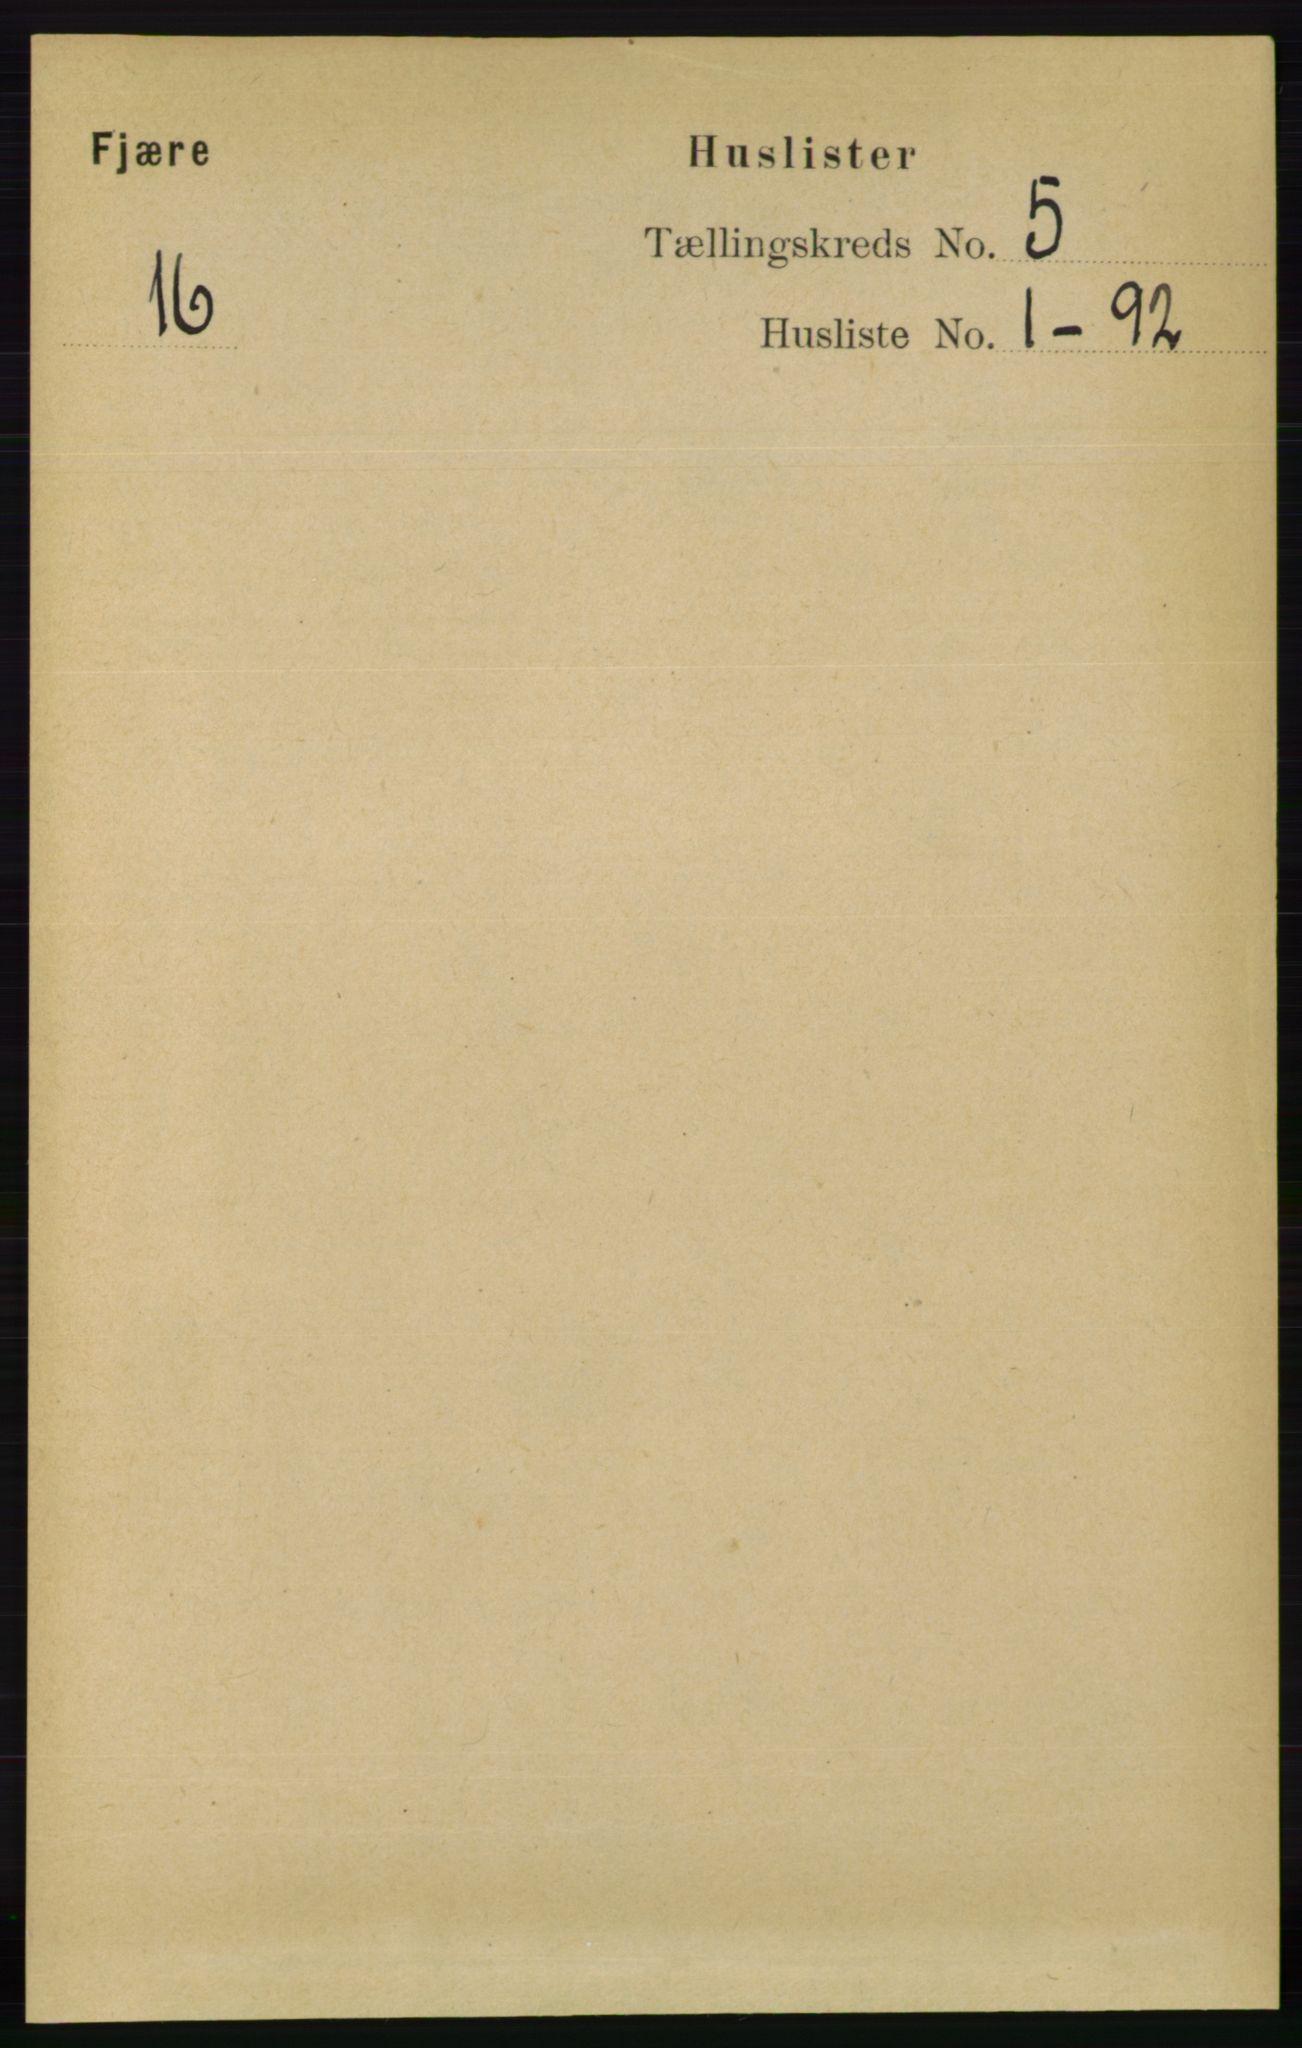 RA, Folketelling 1891 for 0923 Fjære herred, 1891, s. 2330